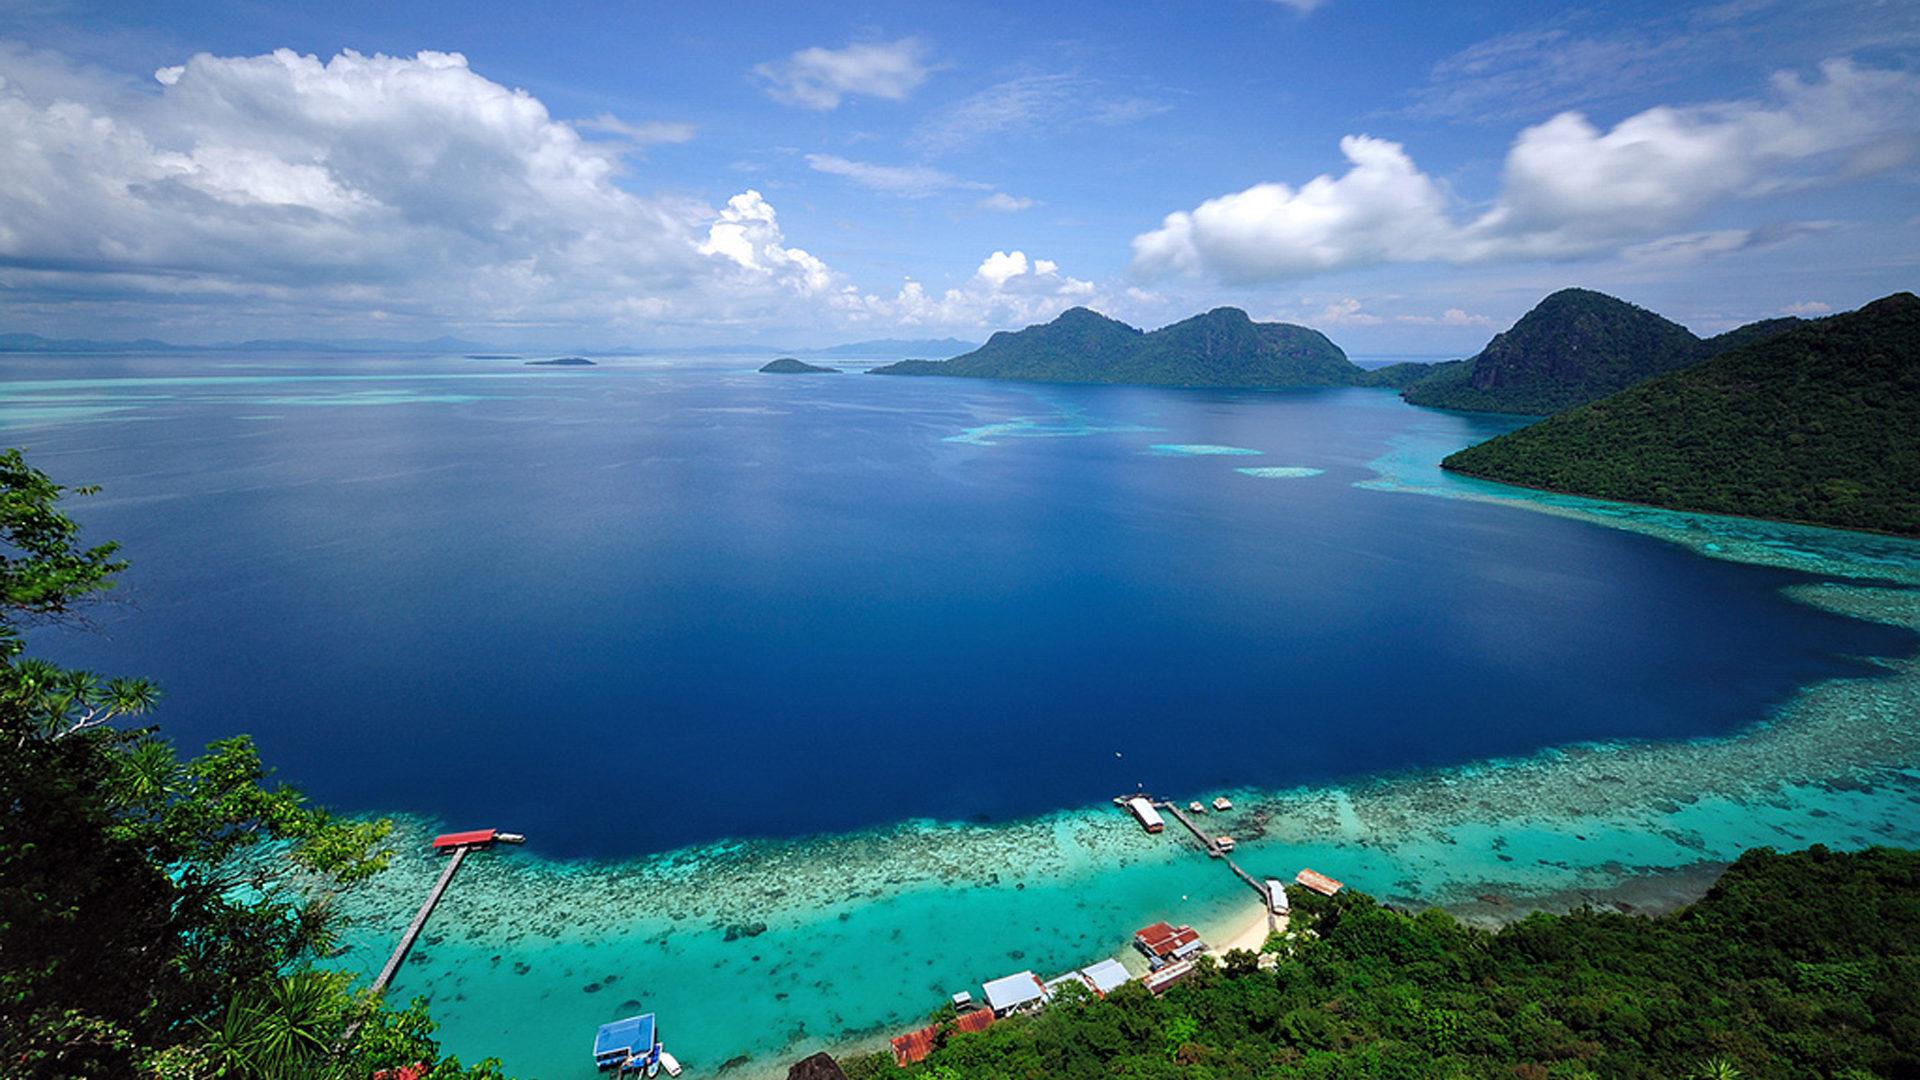 Bohey Dulang Island Sabah Malaysia Tun Sakaran Marine Park